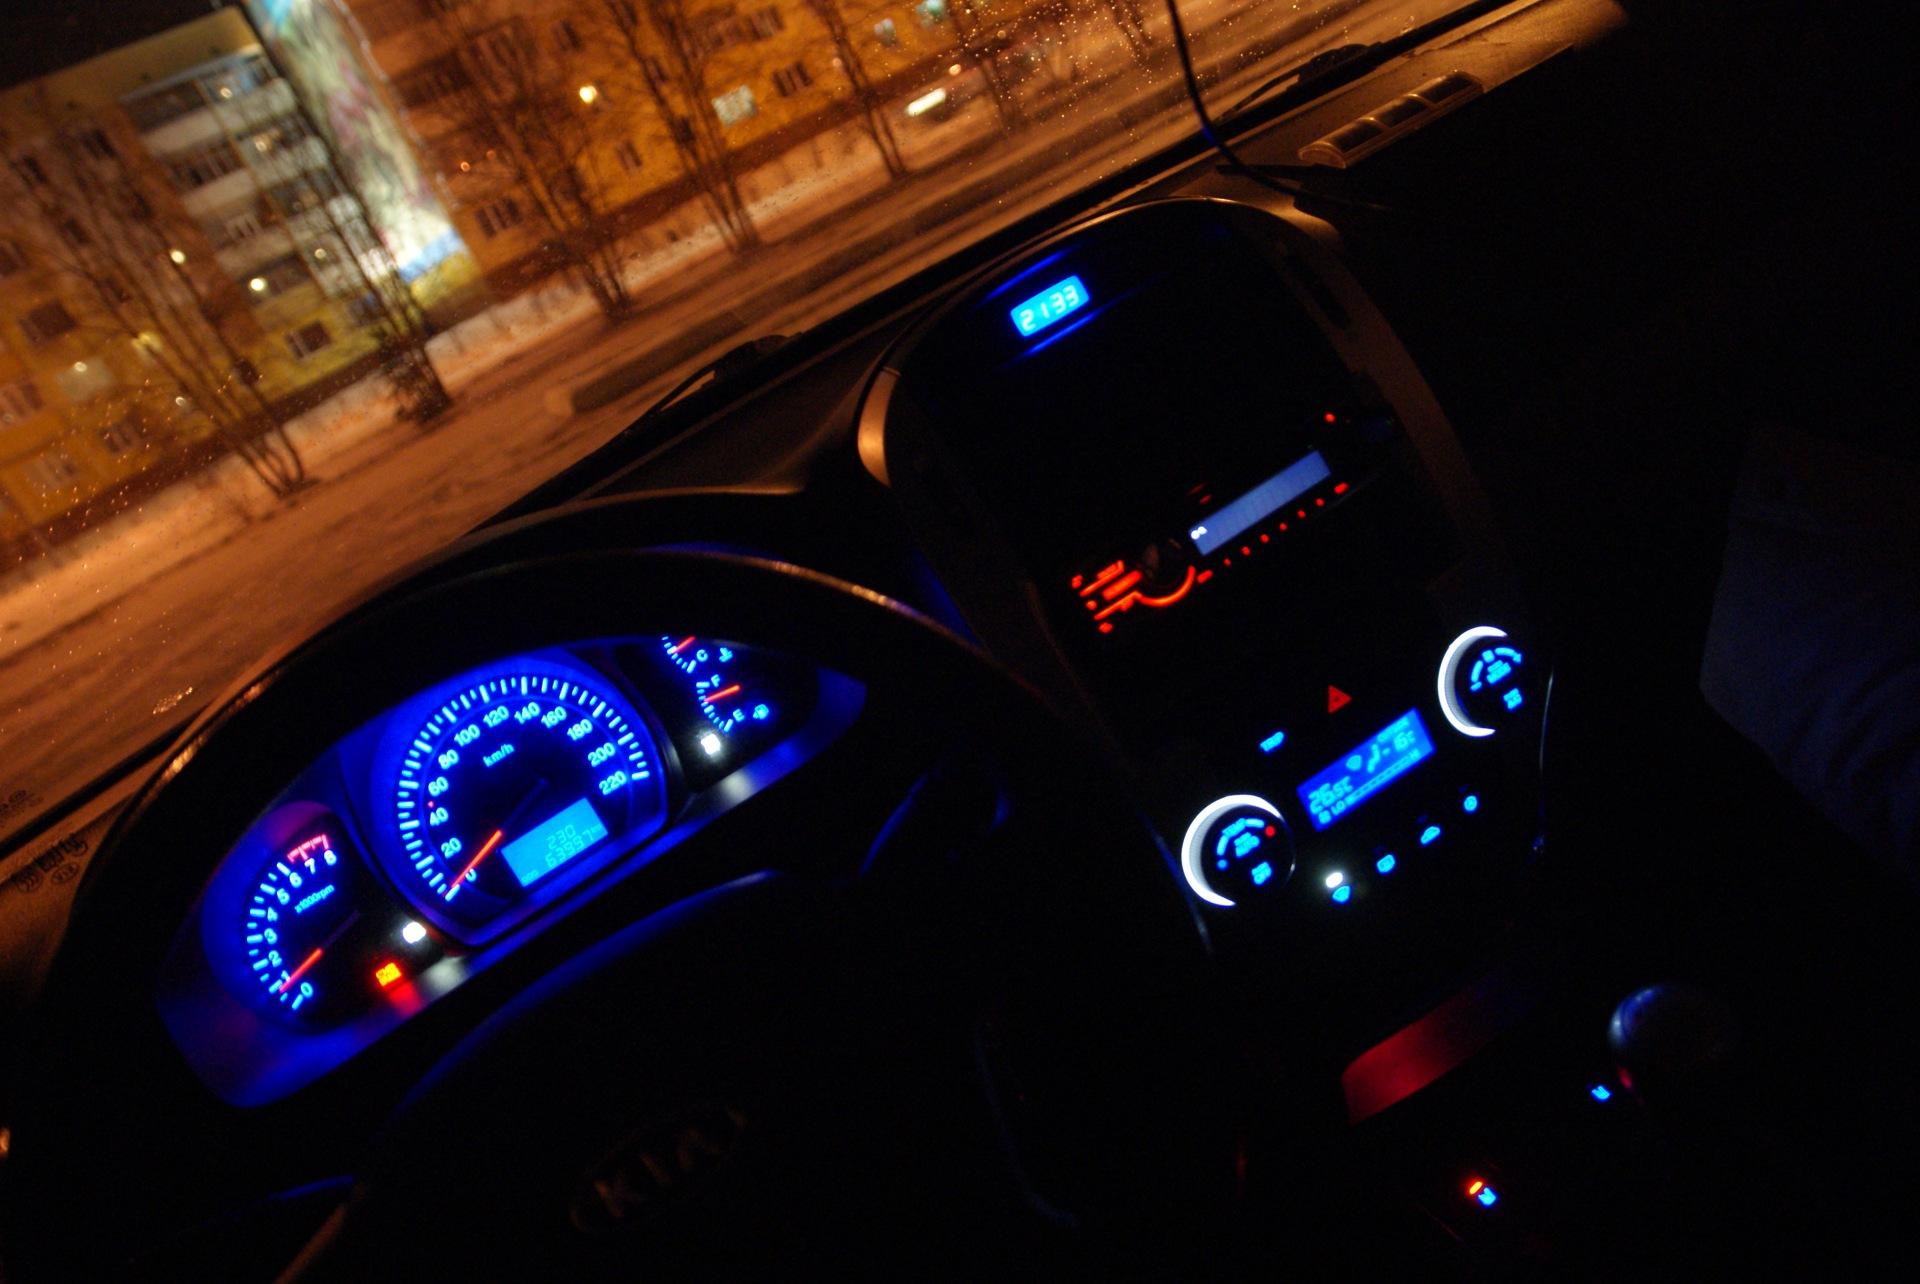 фото панели приборов машины ночью маленькое окно кухни